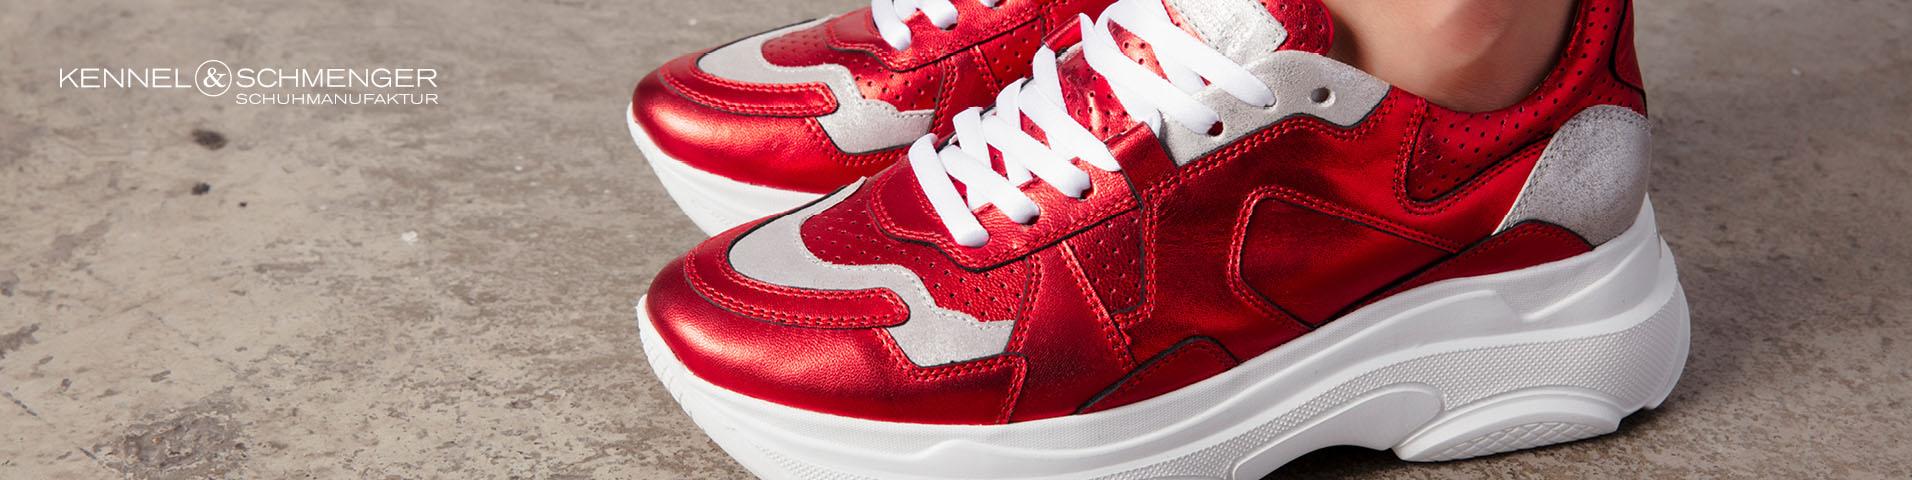 d987766a0dbb35 Kennel + Schmenger Halbschuhe sind die neue Schuhklasse für Damen ...